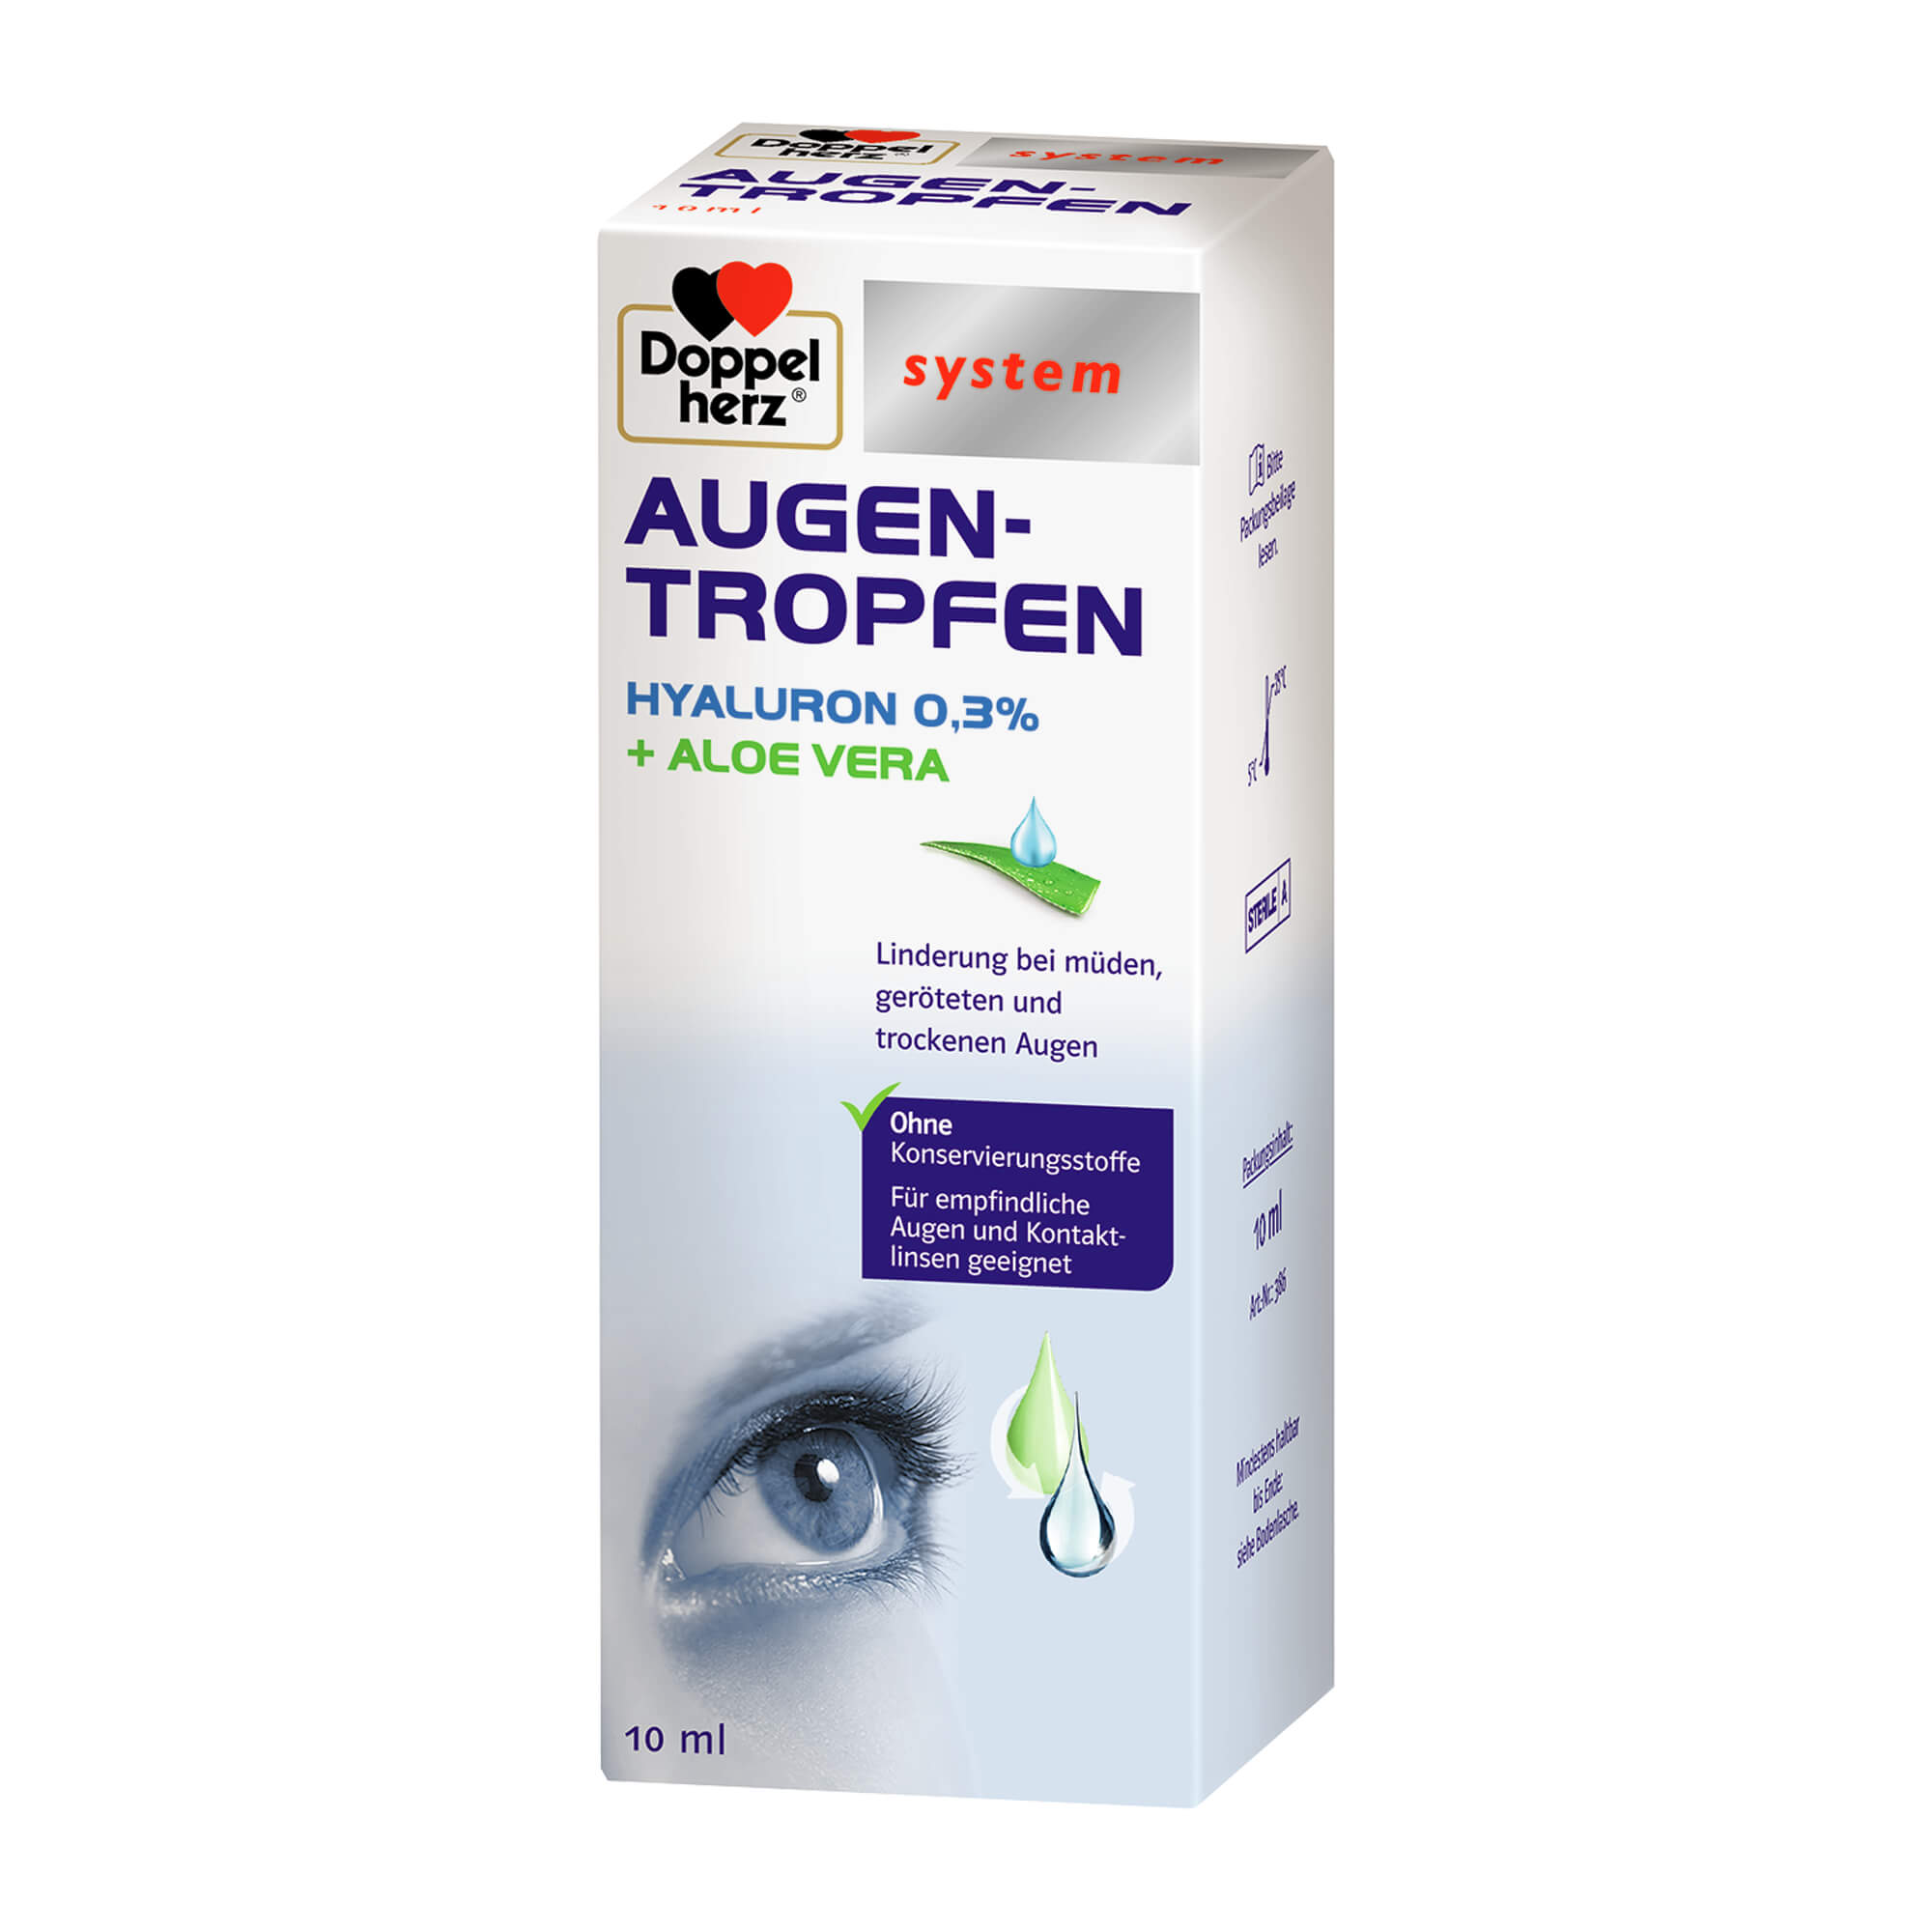 Doppelherz Augen-Tropfen Hyaluron 0,3% system